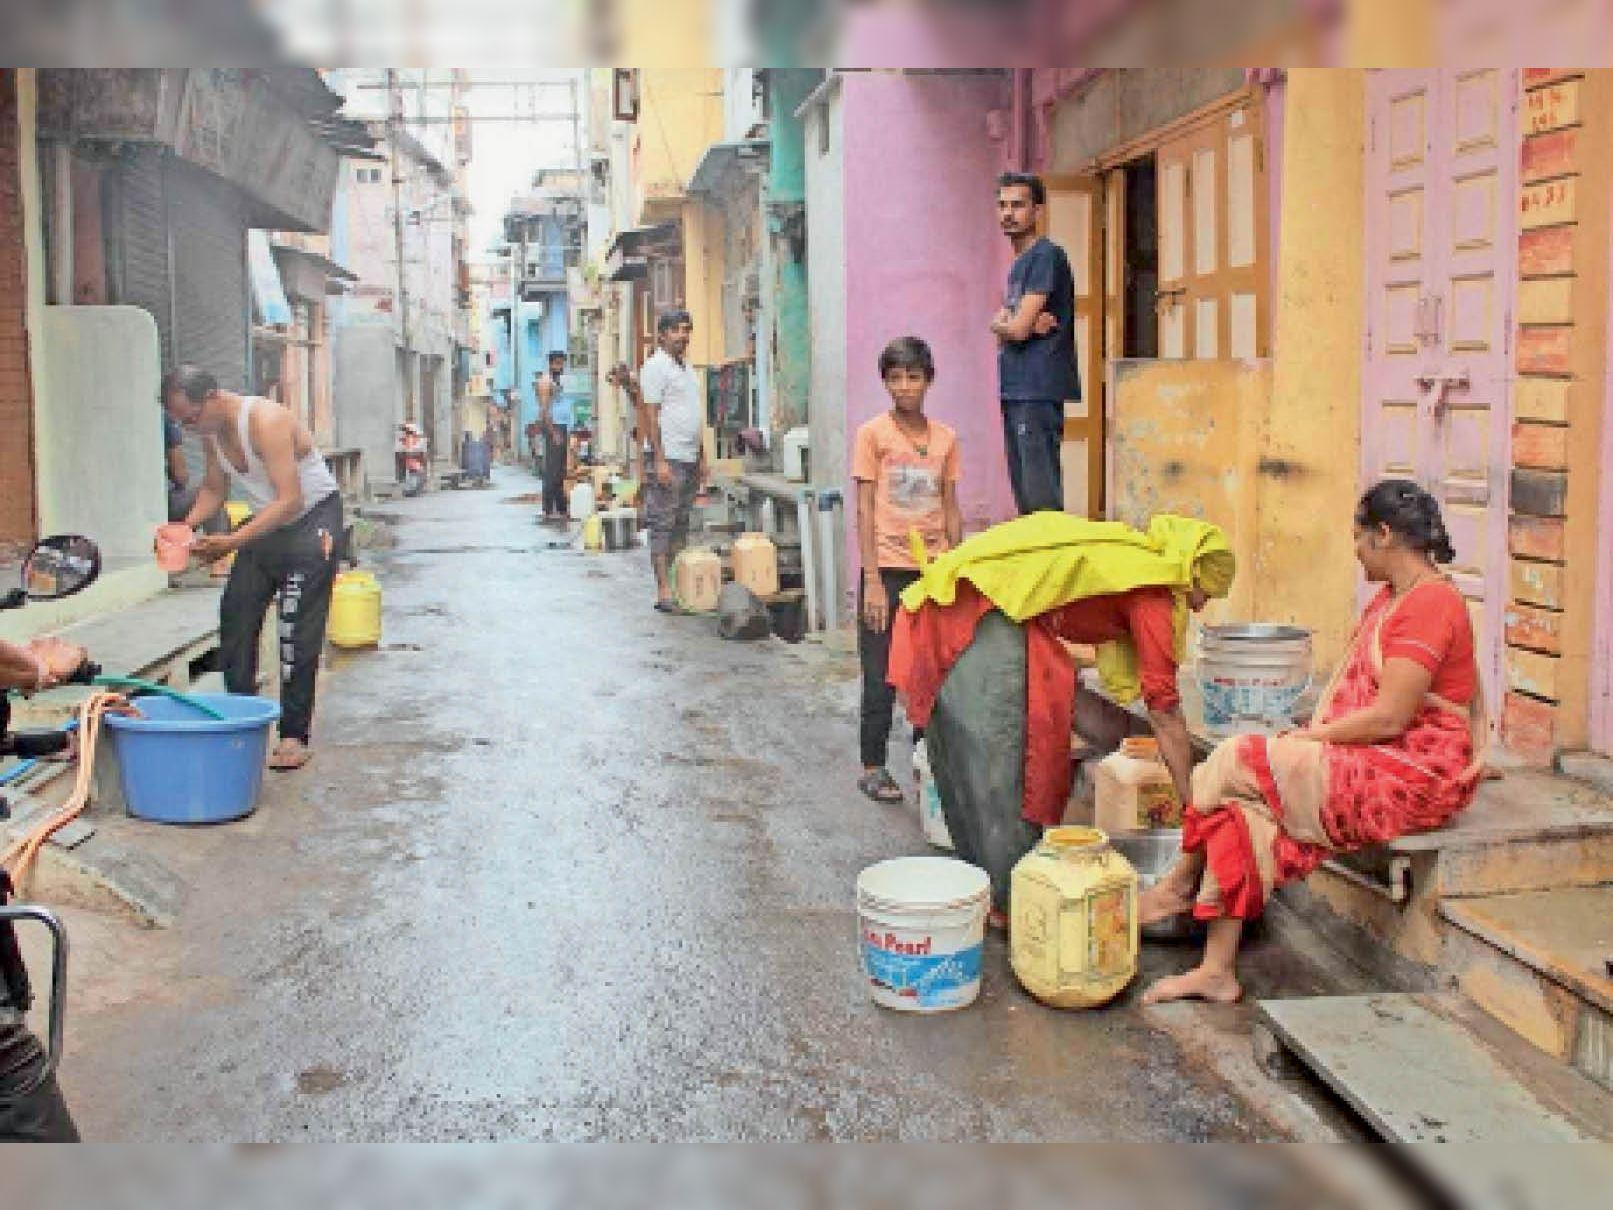 तीसरे दिन मिल रही पानी की एक-एक बूंद सहेजने के लिए जुटे रहवासी। - Dainik Bhaskar